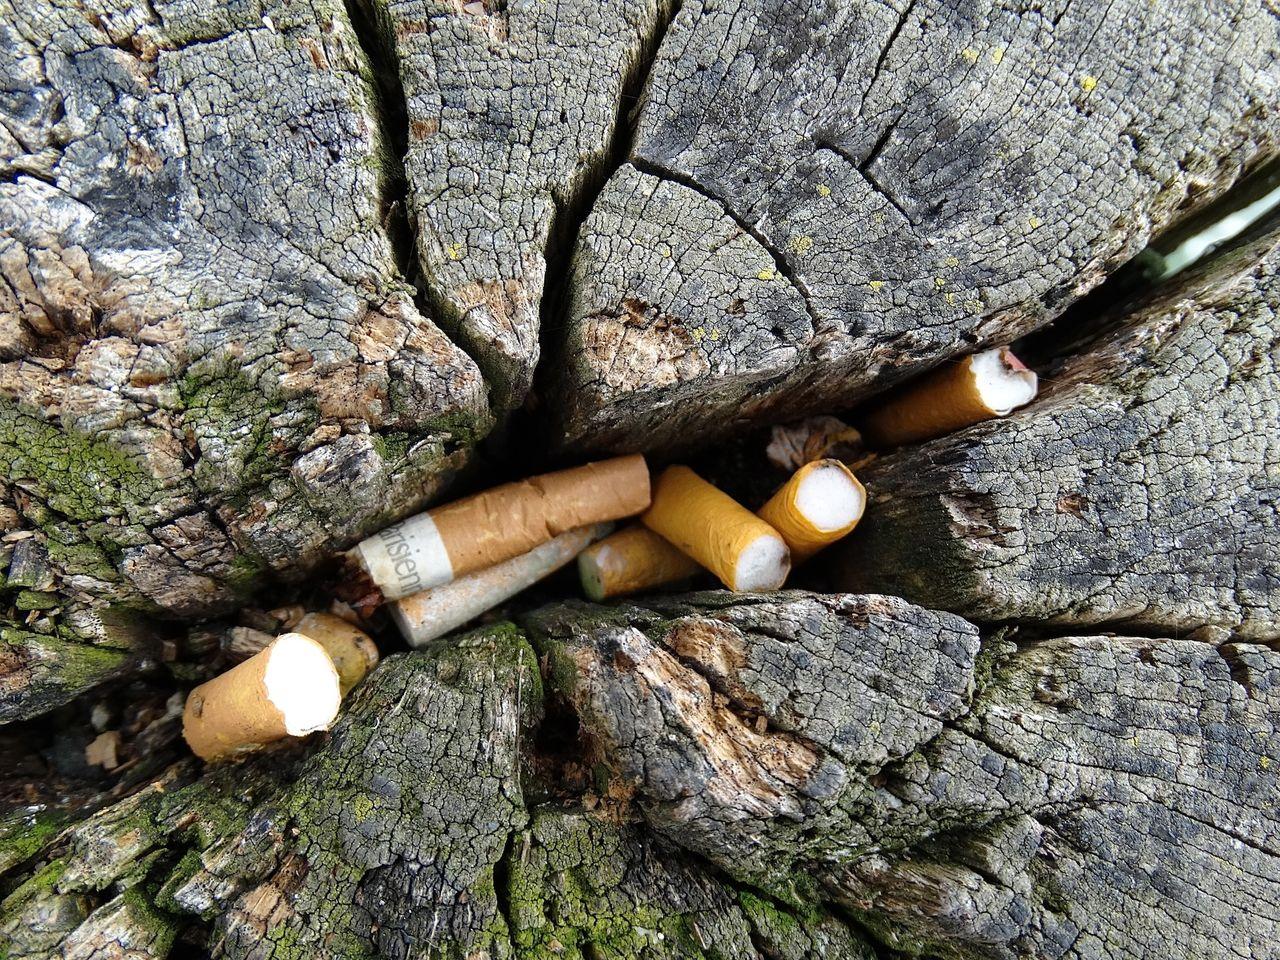 Förslag på böter för att slänga småskräp på gator och i naturen